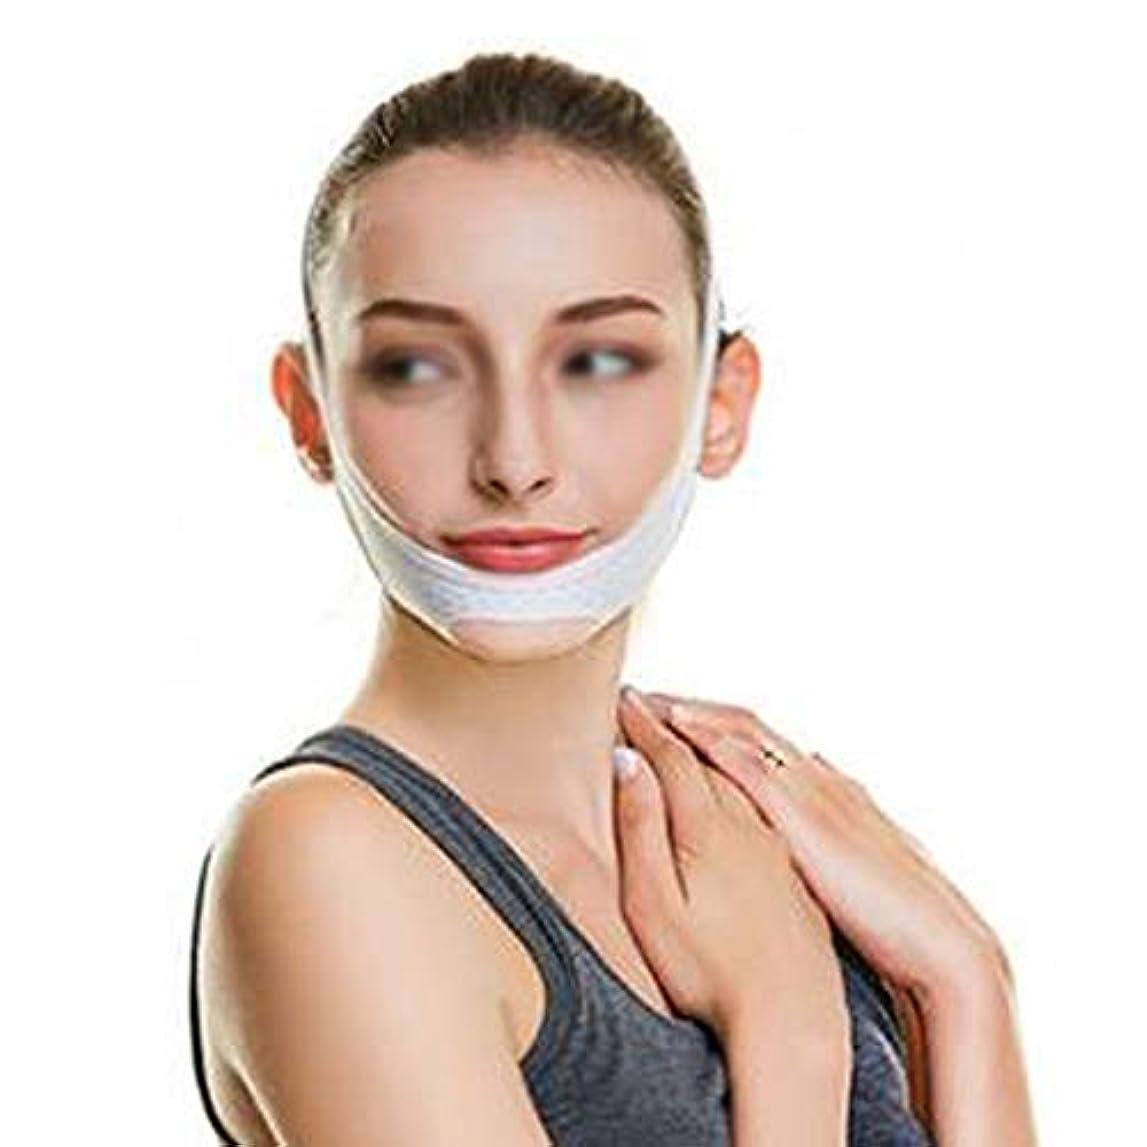 バンカー娘経度ZWBD フェイスマスク, Vフェイスアーティファクトメロンフェイスバンデージマスクを使用した薄顔